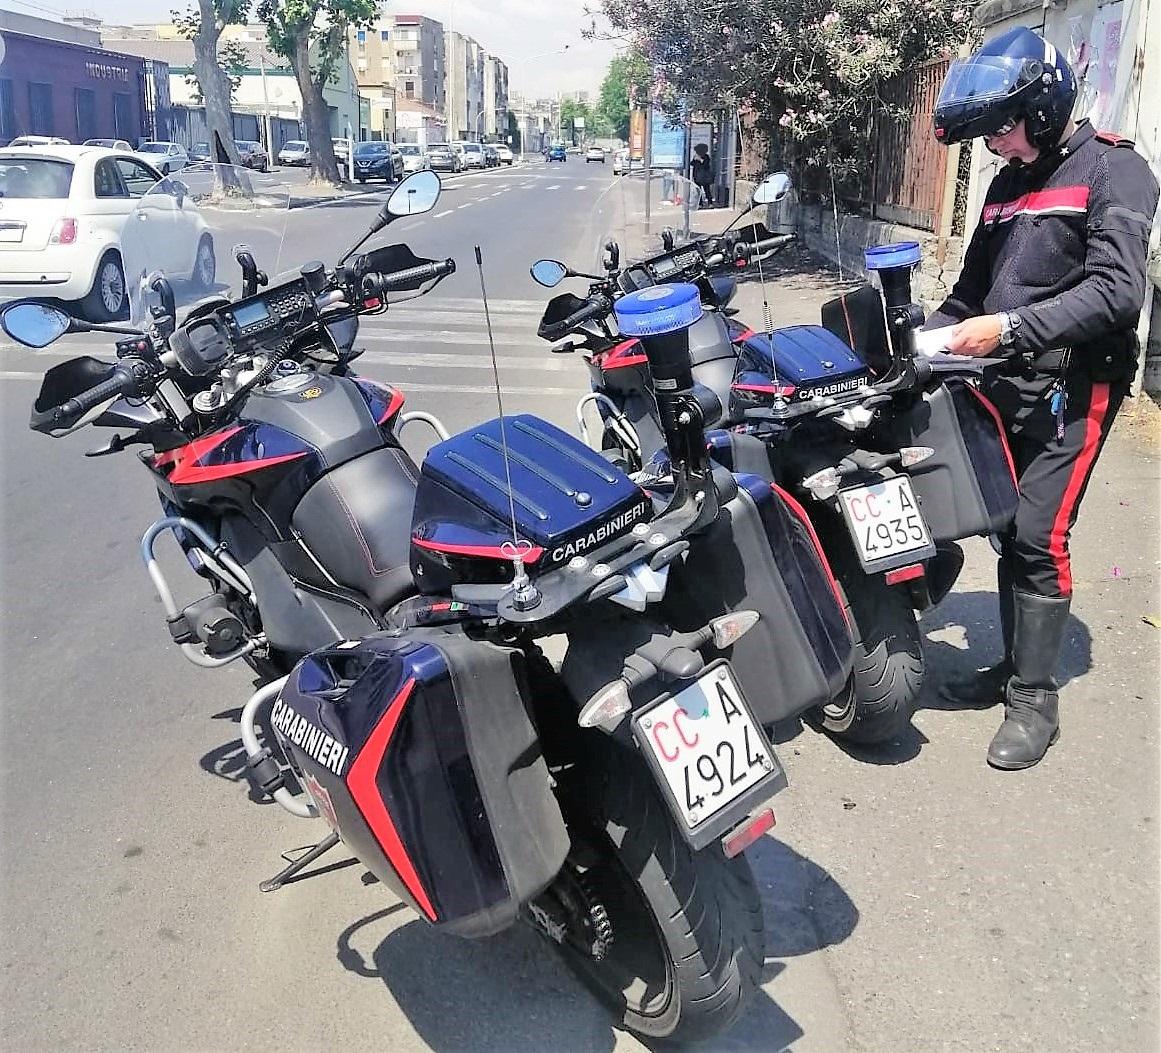 Sorvegliato guidava senza patente: denunciato a Catania